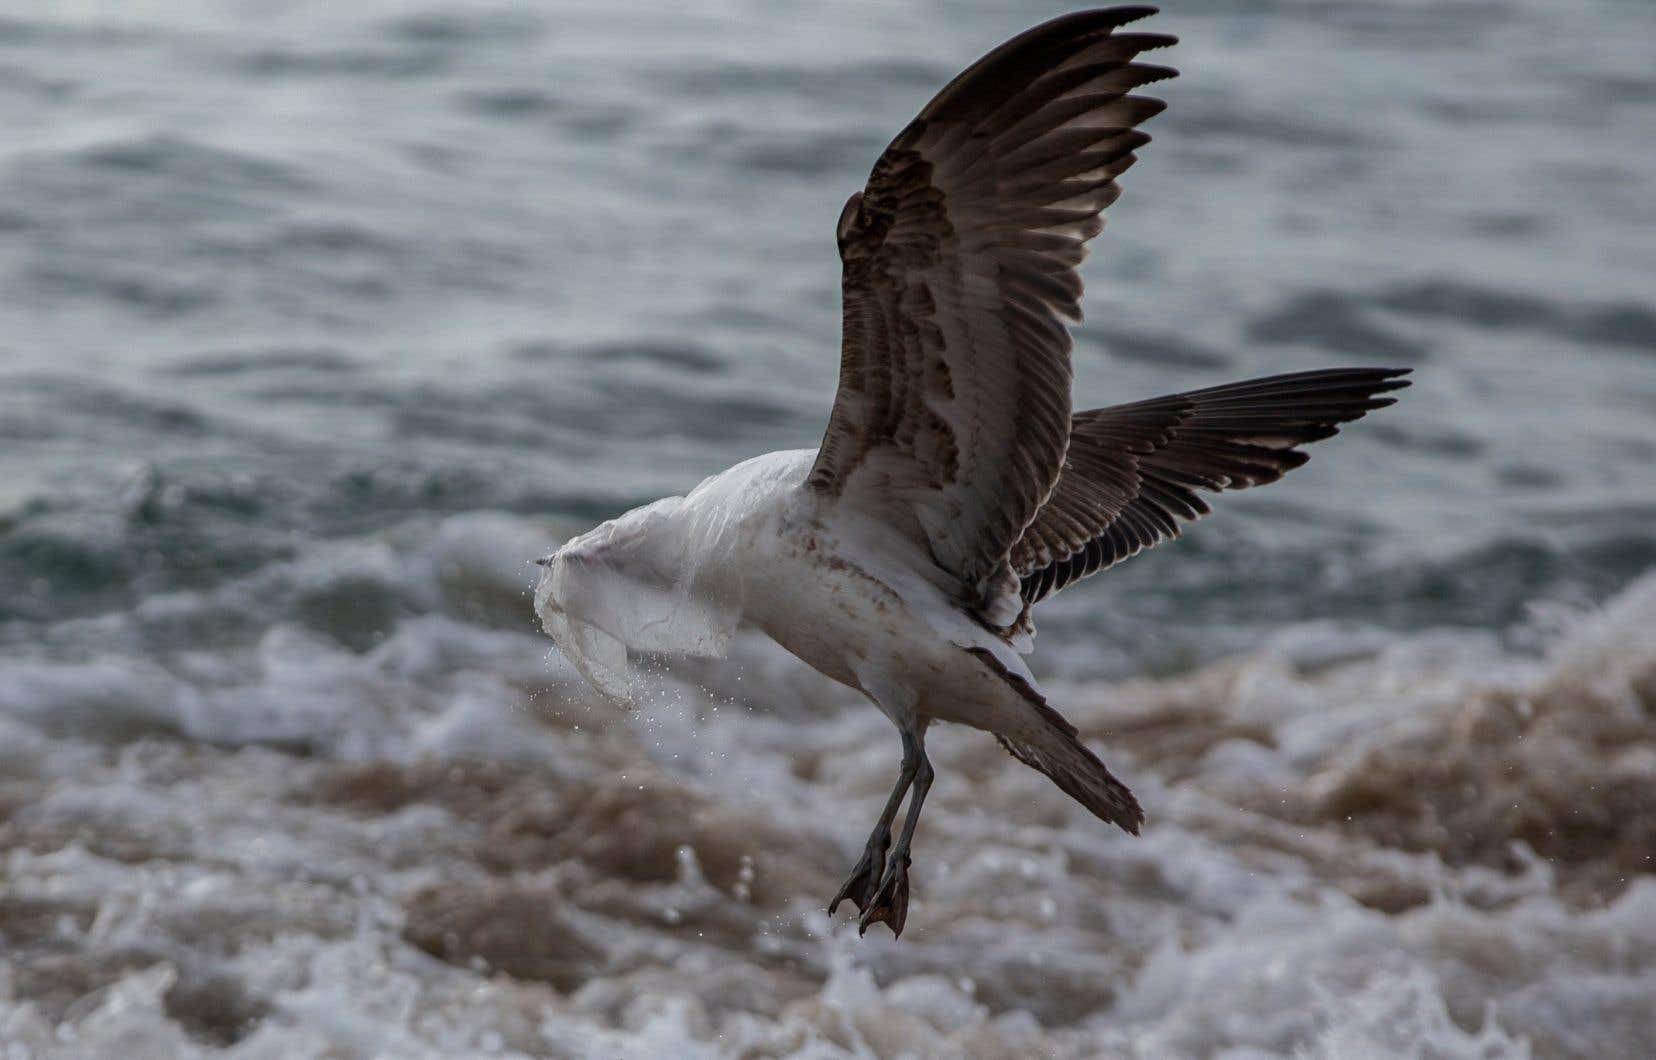 En plus de menacer la vie aquatique, les déchets de plastique qui polluent les océans sont aussi une source importante de GES.